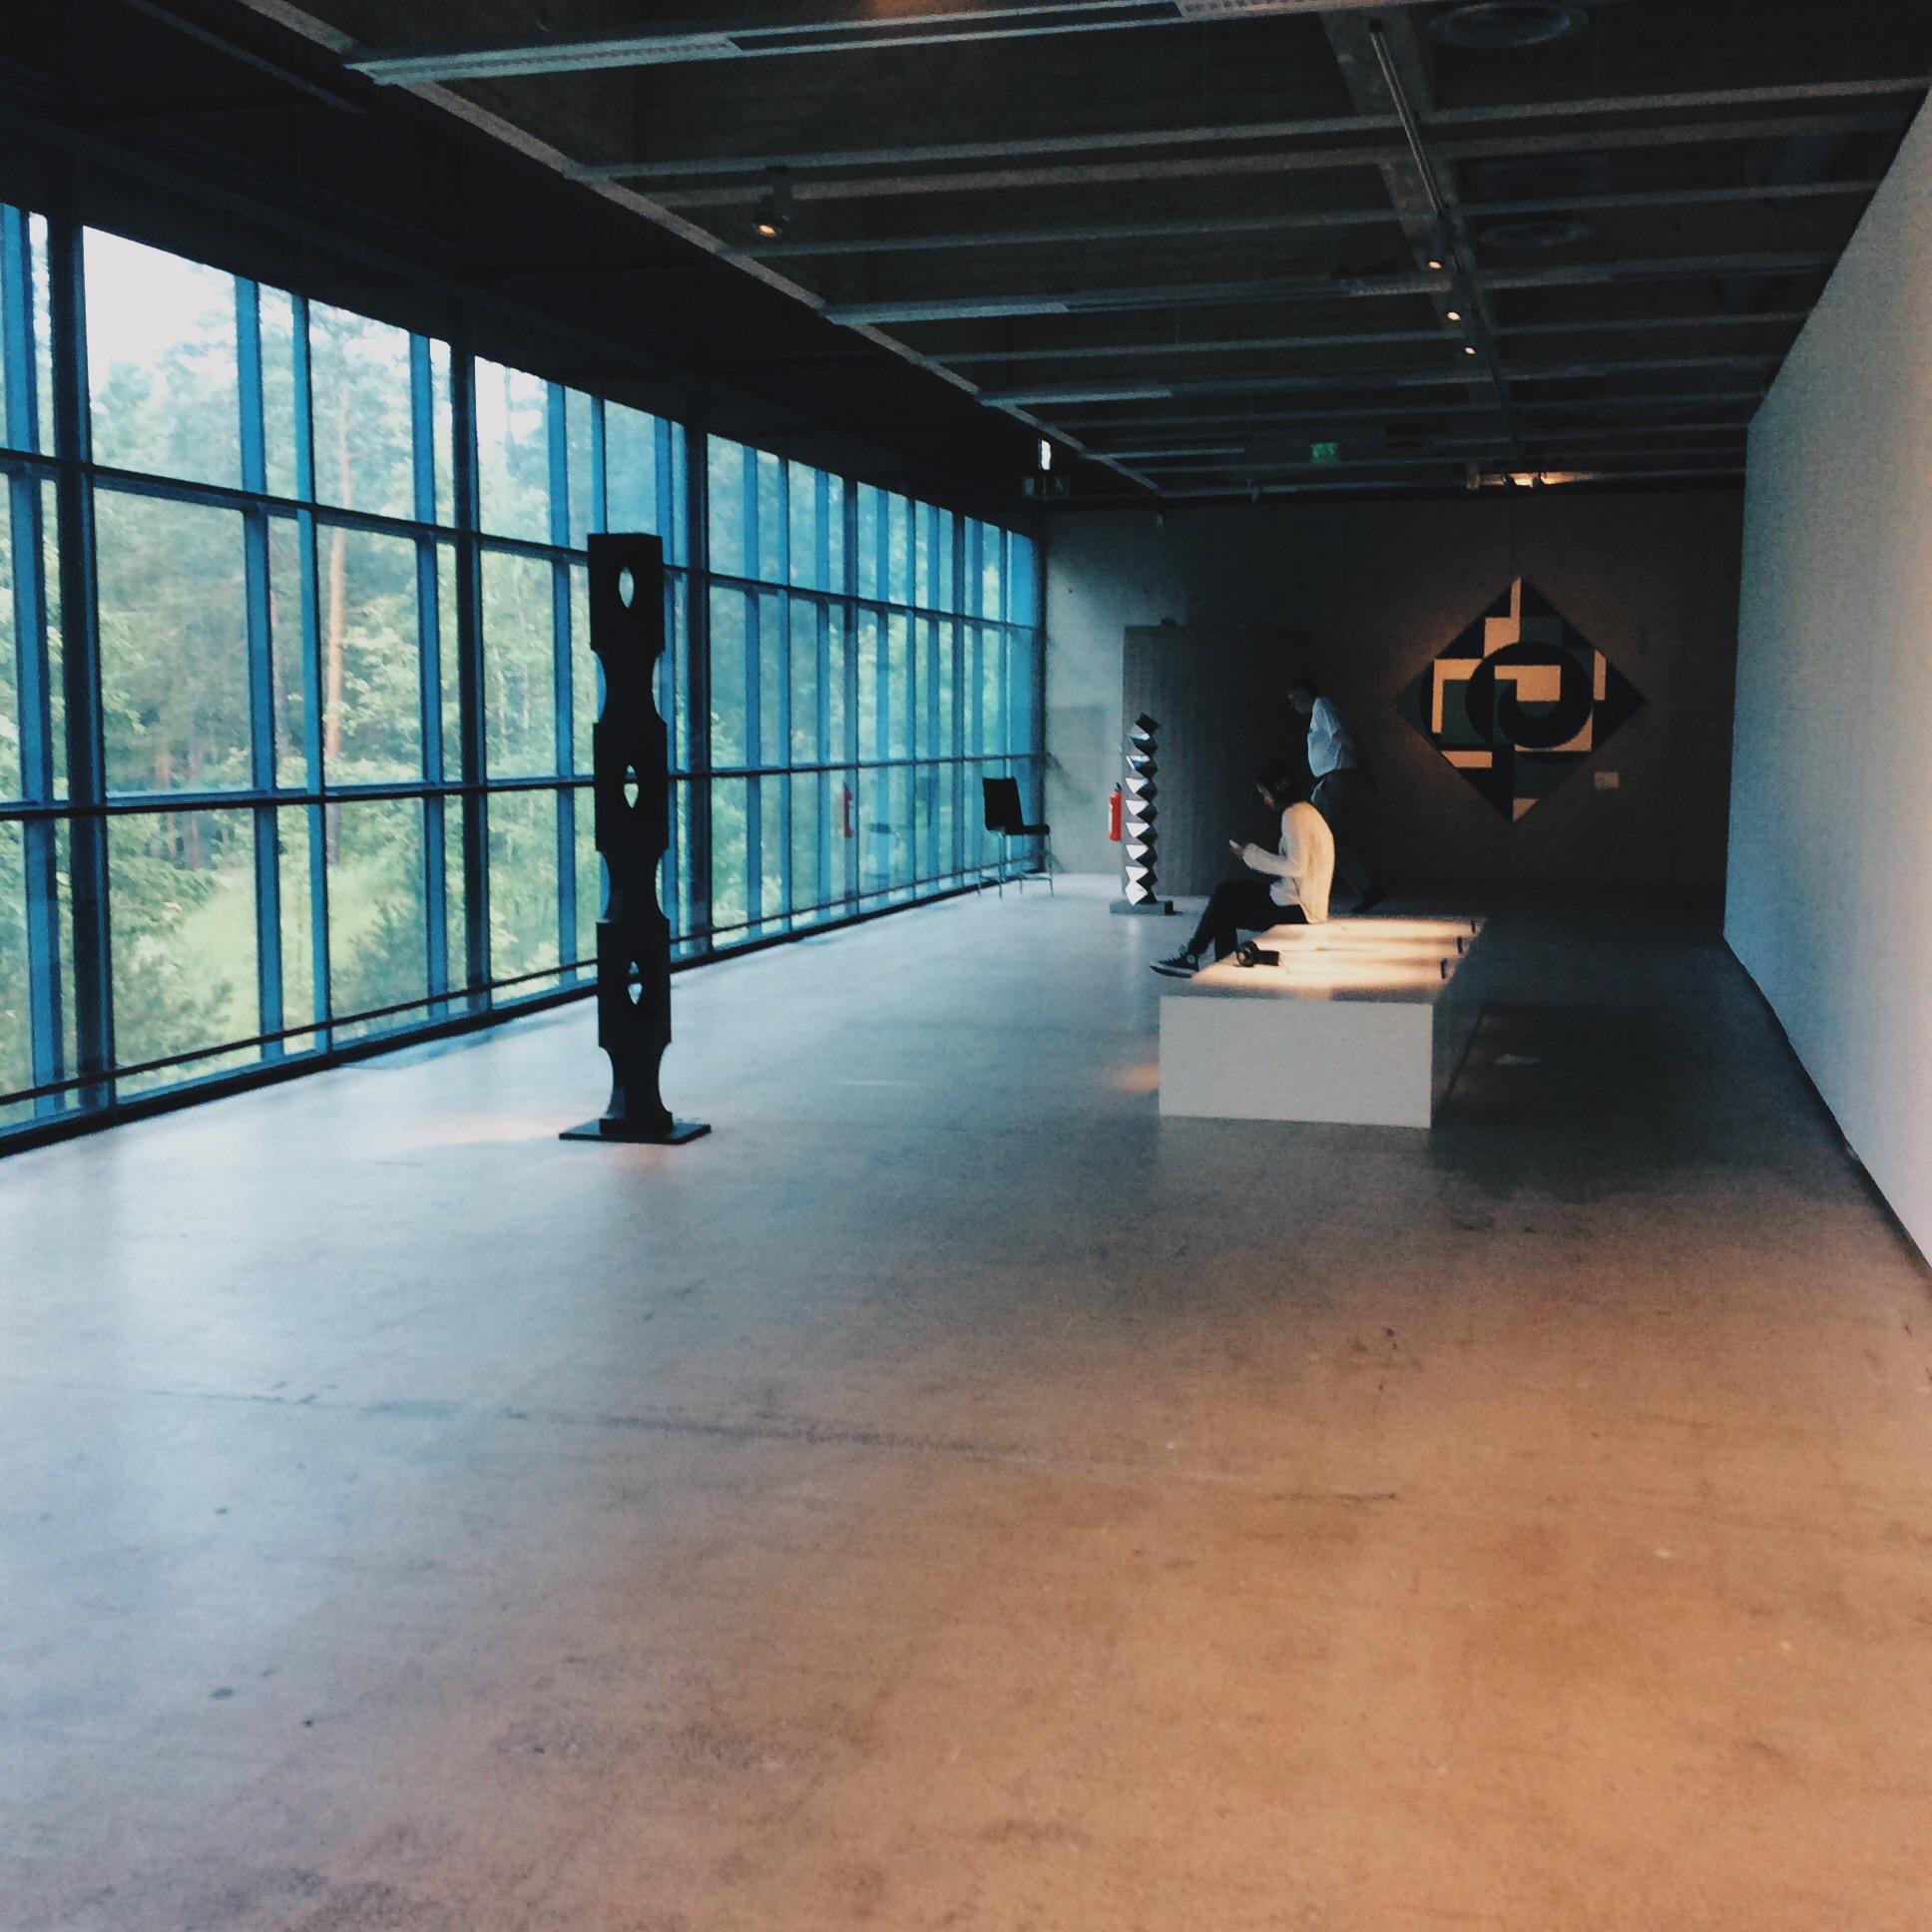 素敵な美術館EMMA - ESPOO MUSEUM OF MODERN ART-